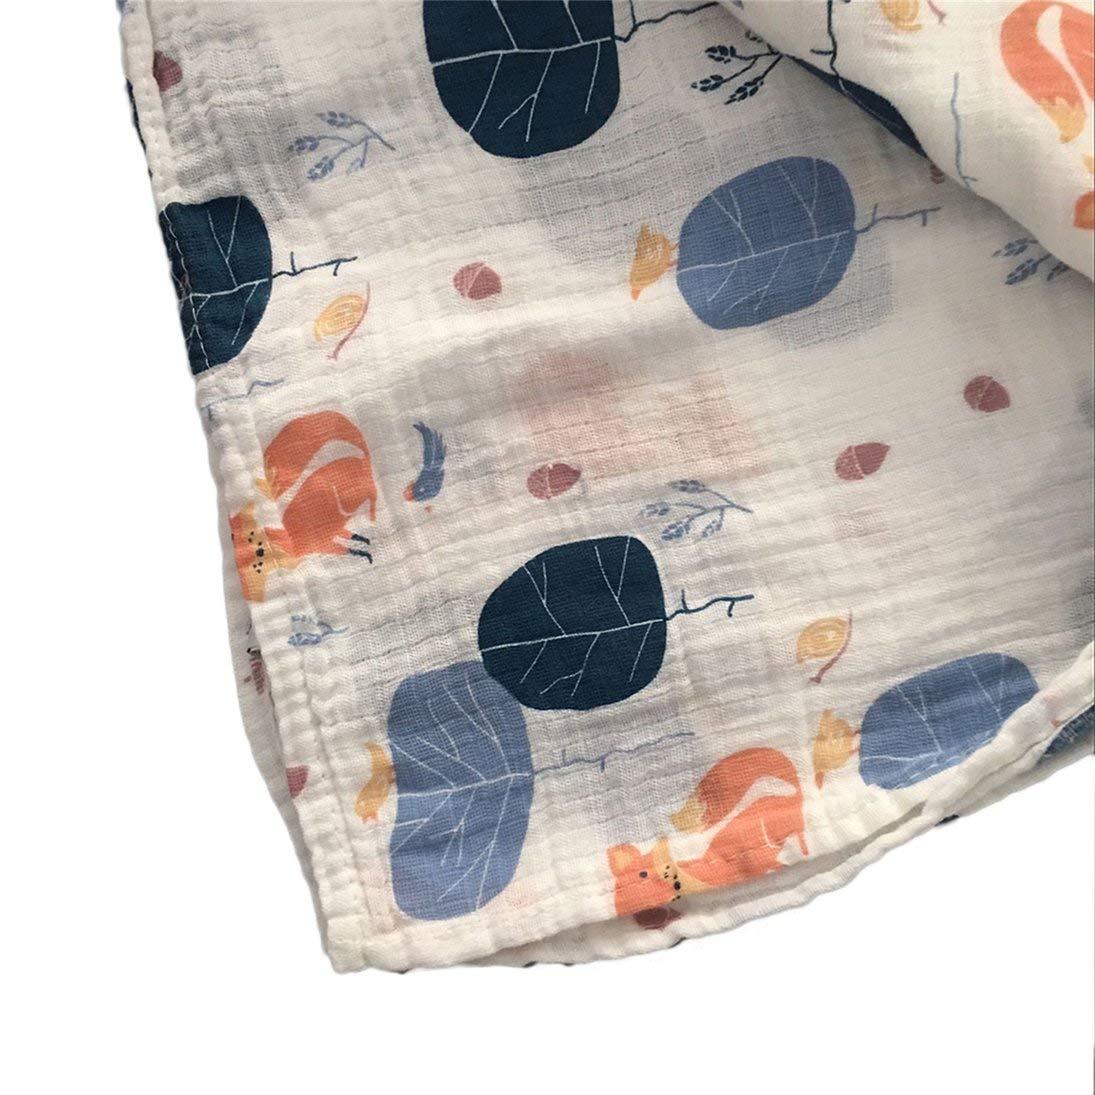 120x120cm Muselina manta envoltura para beb/és envoltura para beb/és Algod/ón 100/% Reci/én nacido Toalla de ba/ño para beb/és Mantas para mantas Dise/ños m/últiples Funciones ToGames-ES